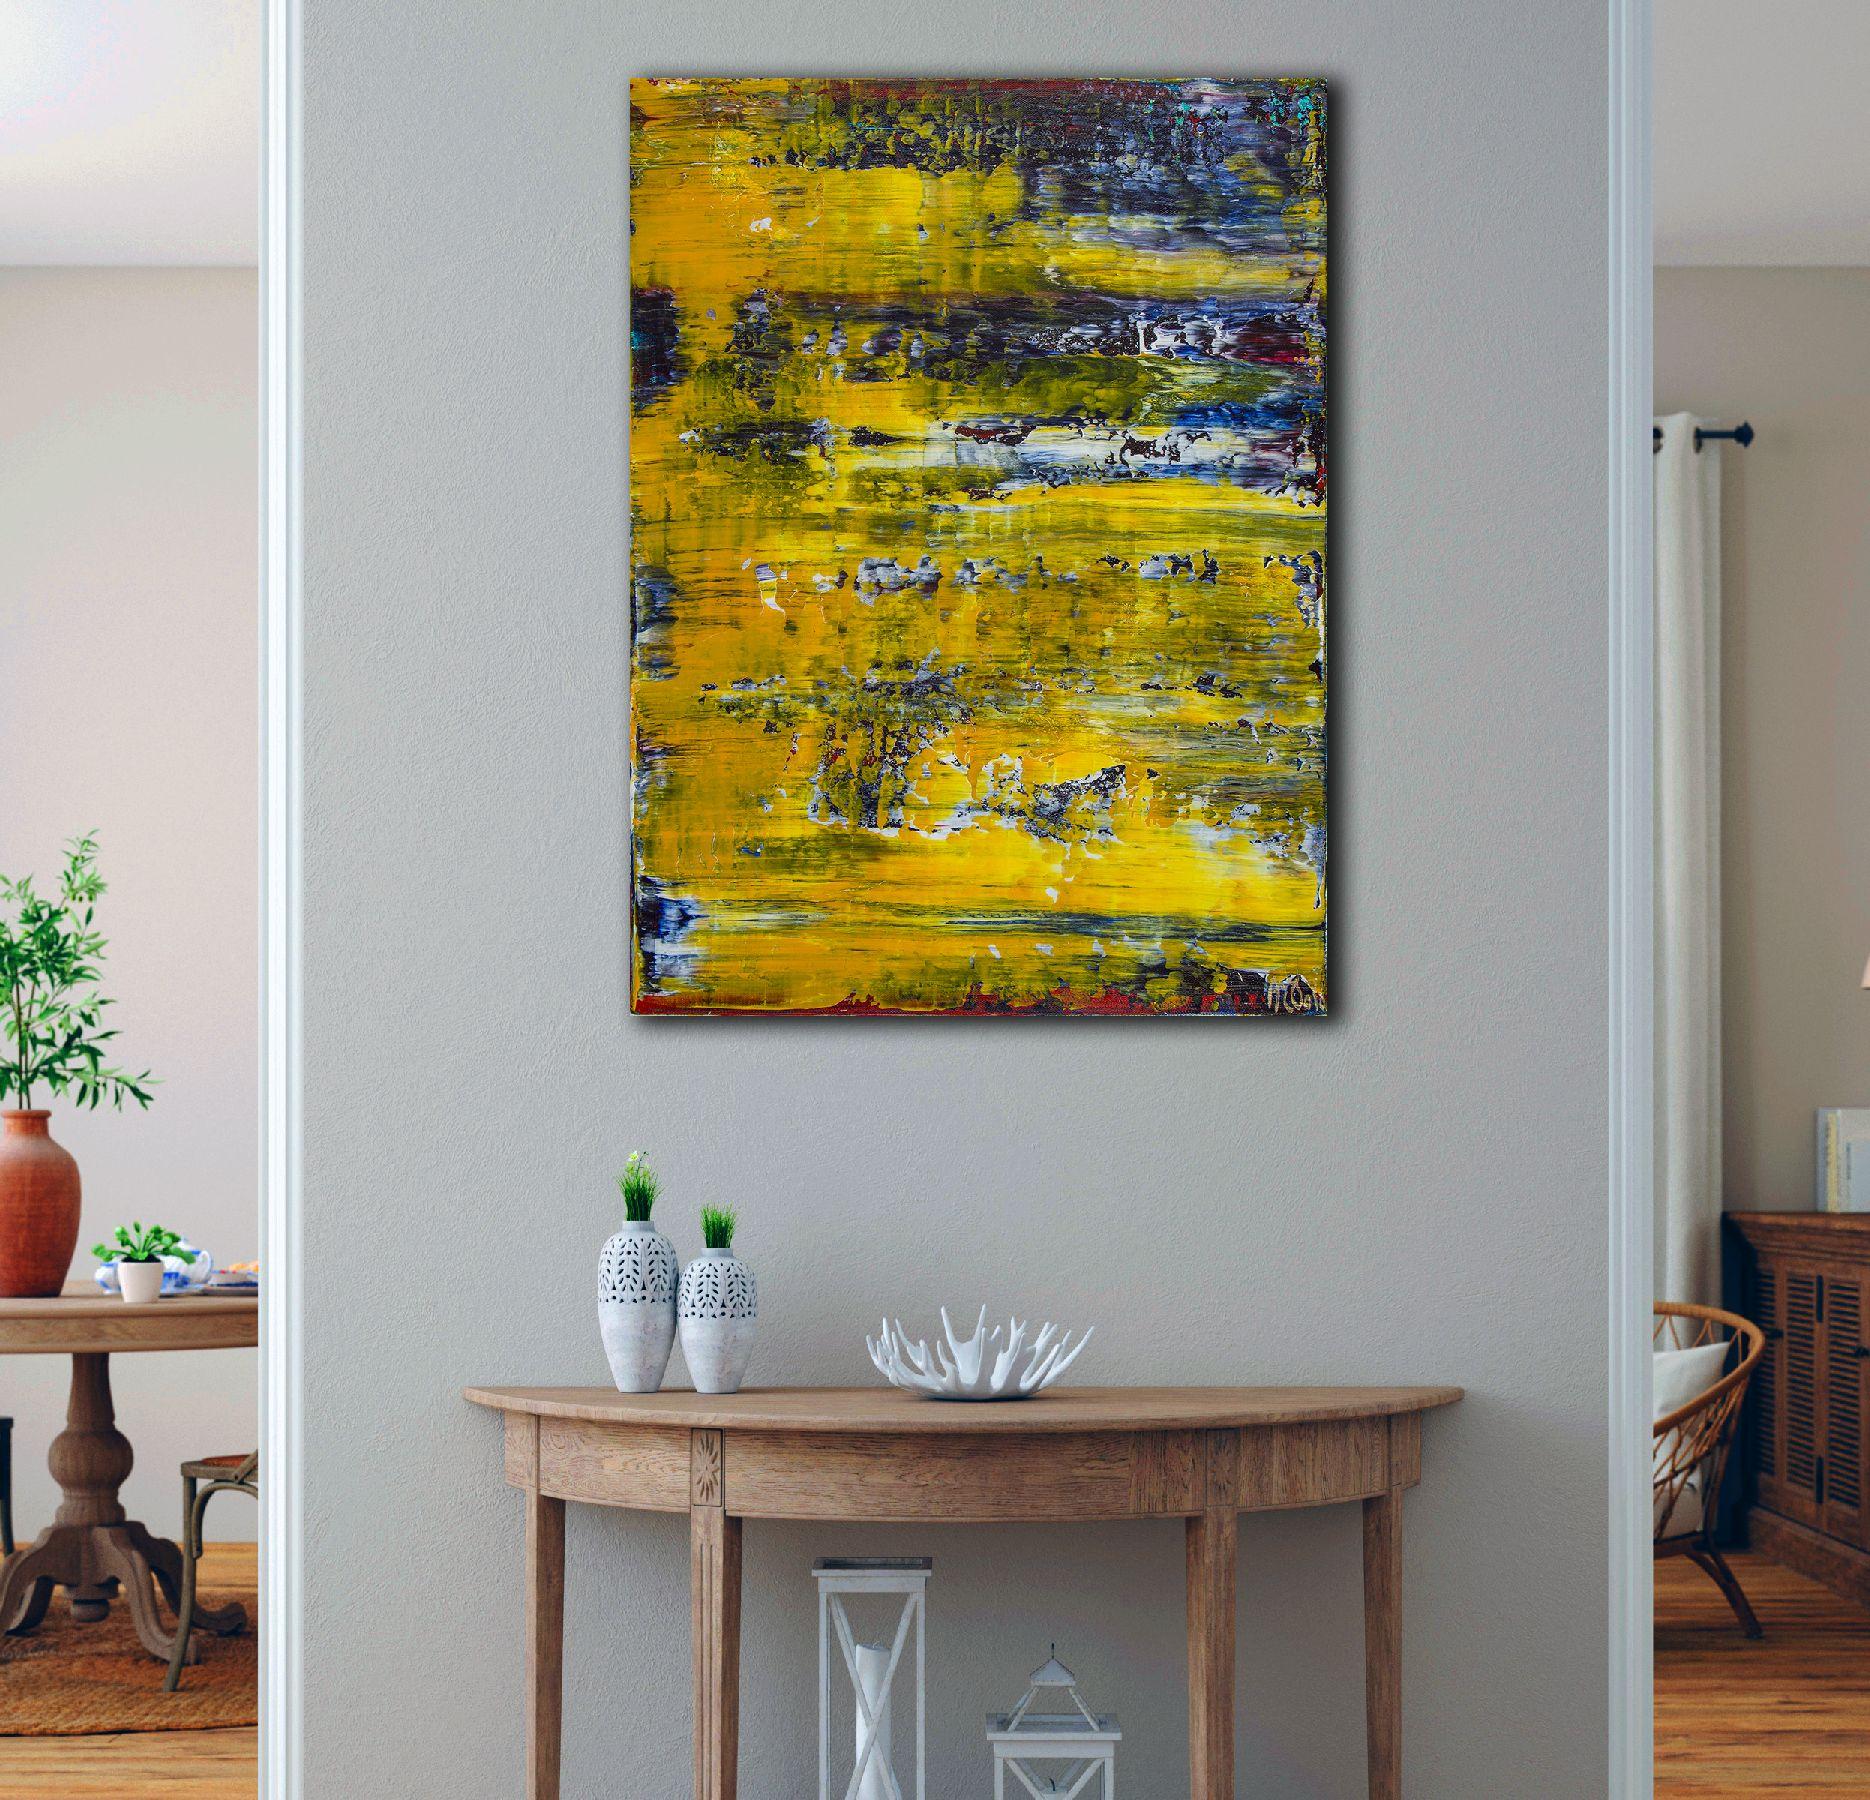 Room View - Autumn Mirrors 2 (2020) by Nestor Toro